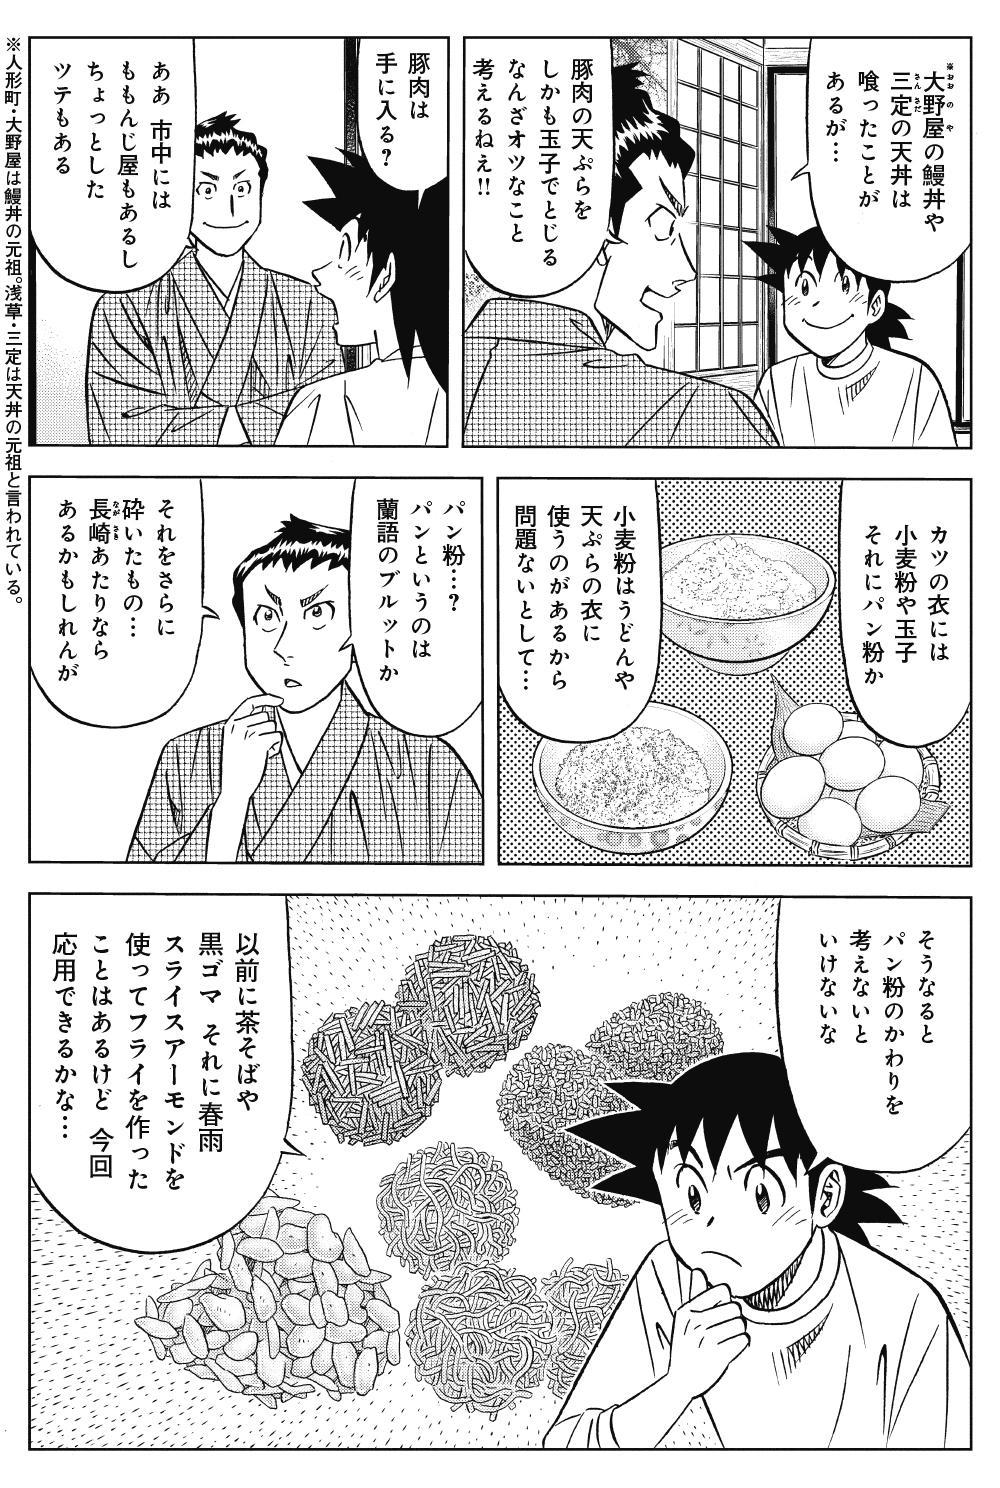 ミスター味っ子 幕末編 第1話「黒船来航」②ajikko20.jpg